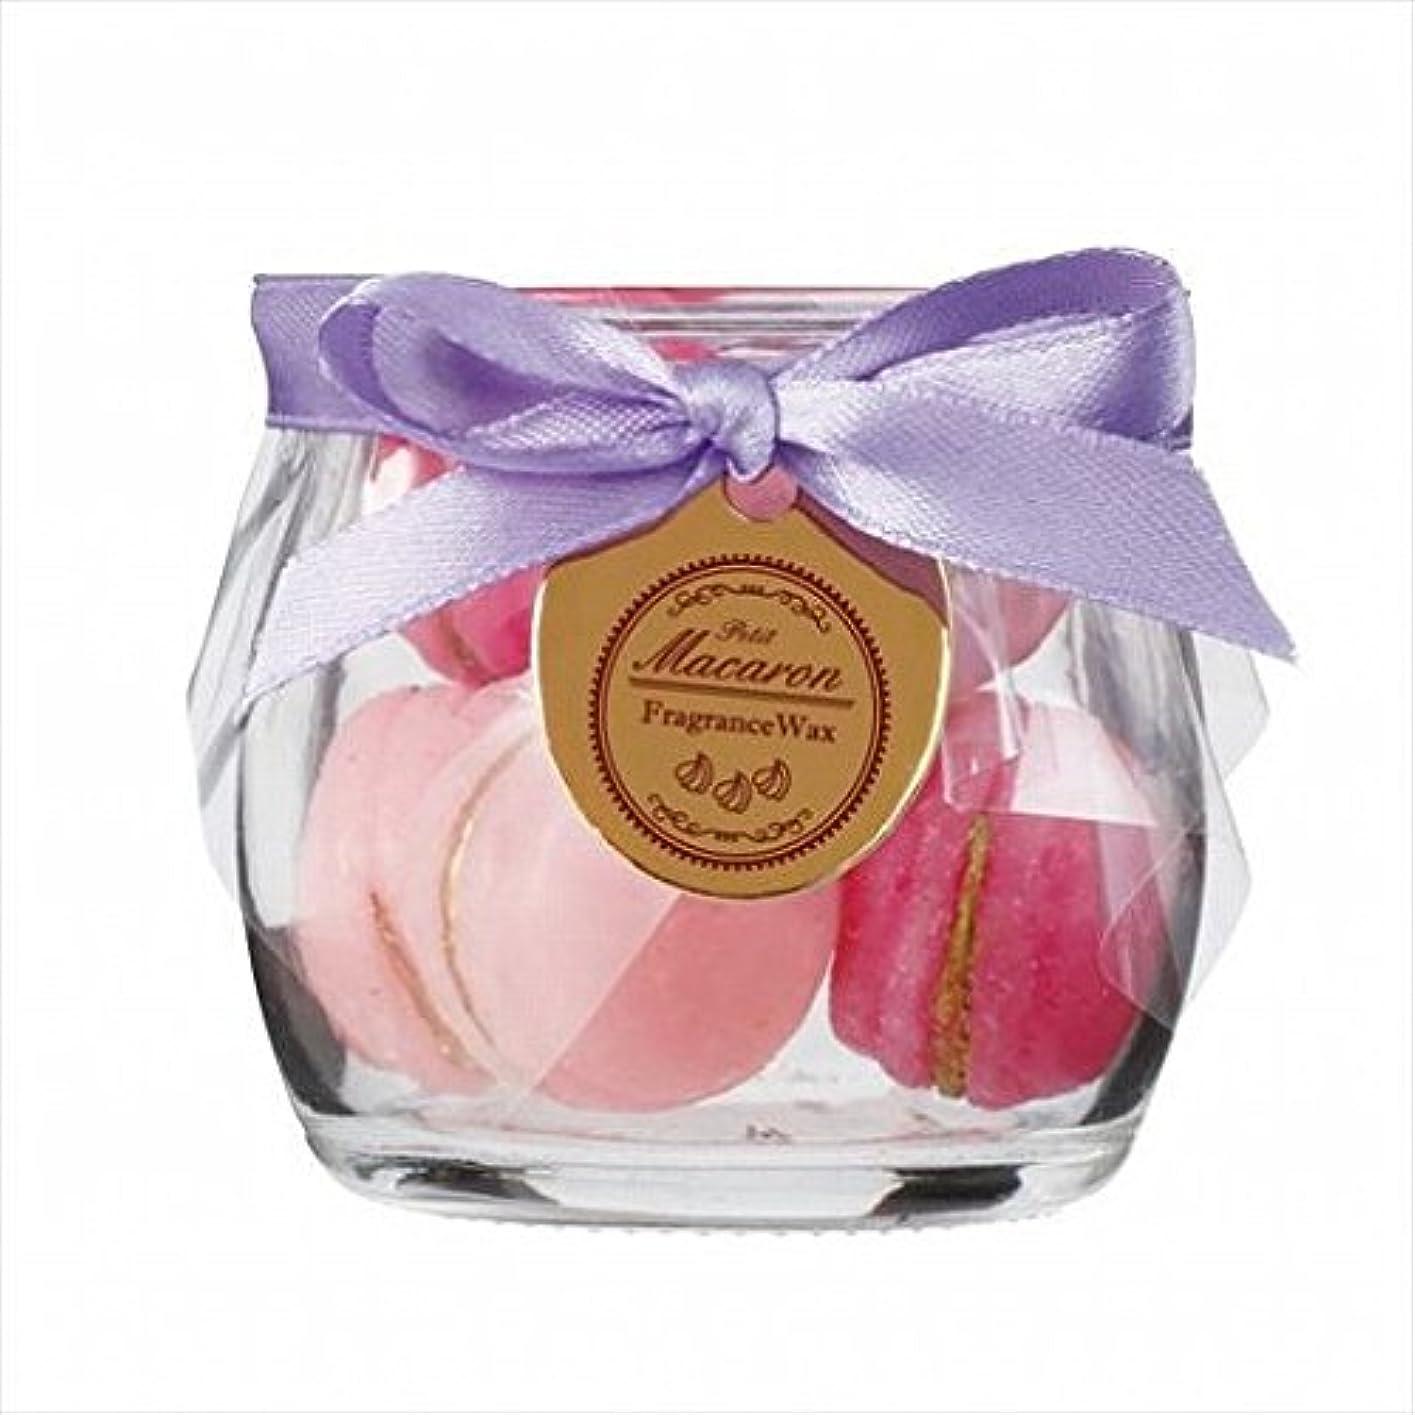 彼女銀行インテリアsweets candle(スイーツキャンドル) プチマカロンフレグランス 「 バニラ 」 キャンドル 60x60x56mm (A3160550)